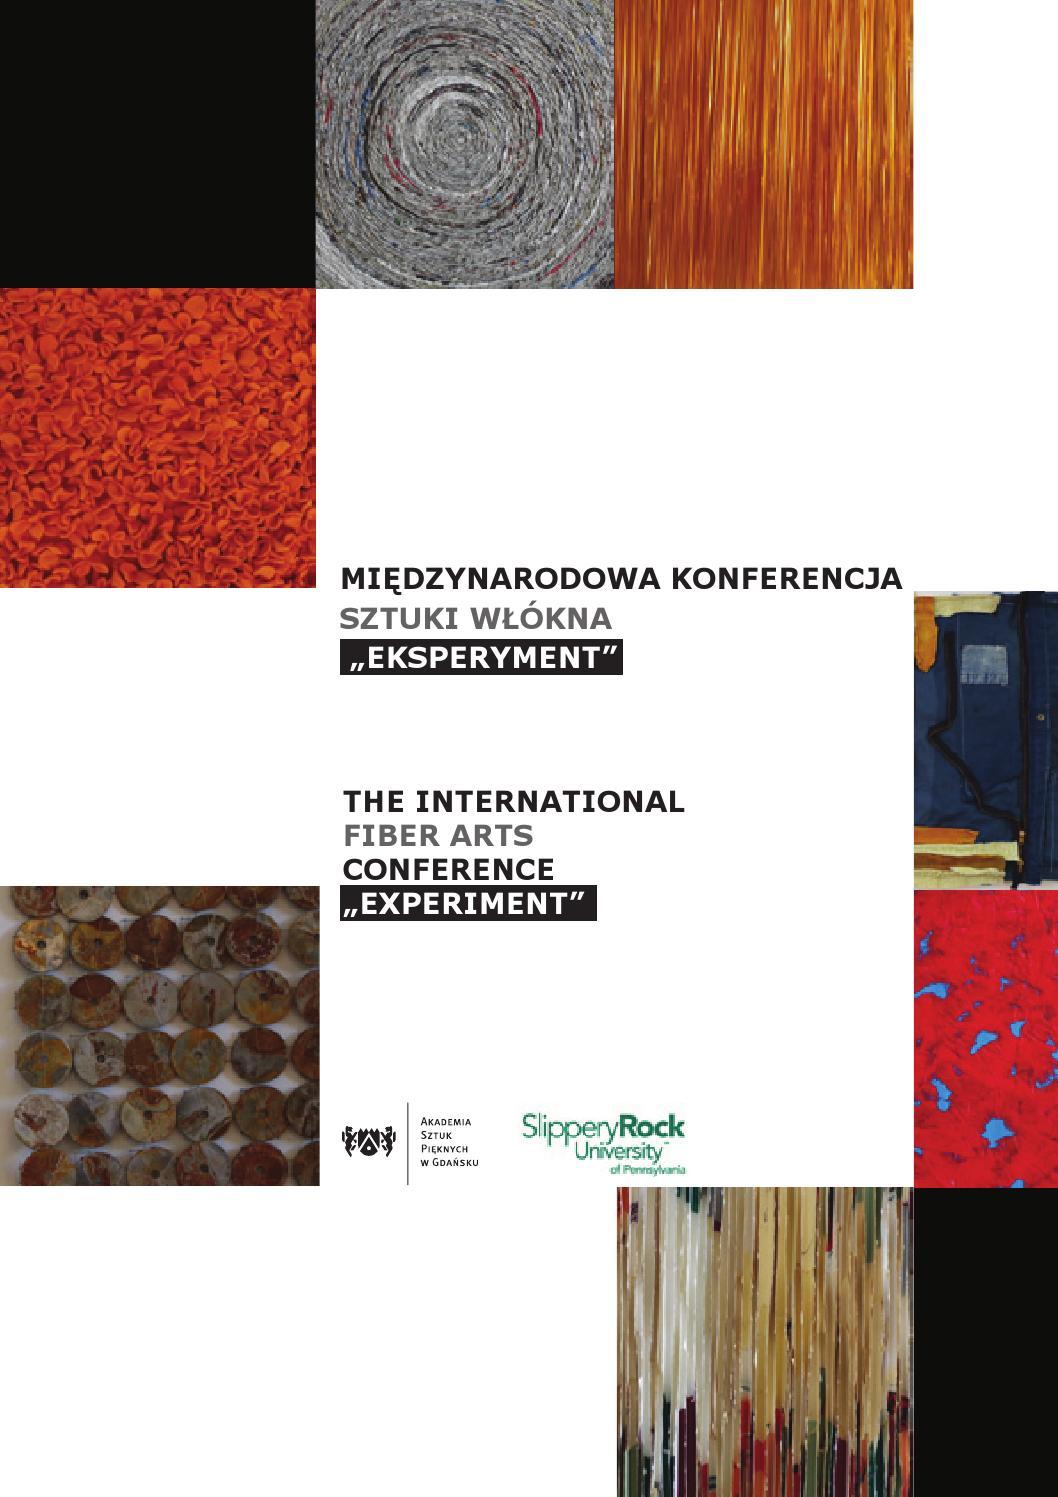 48e6691de6320e Monografia Eksperyment 2015 by Akademia Sztuk Pięknych w Gdańsku - issuu